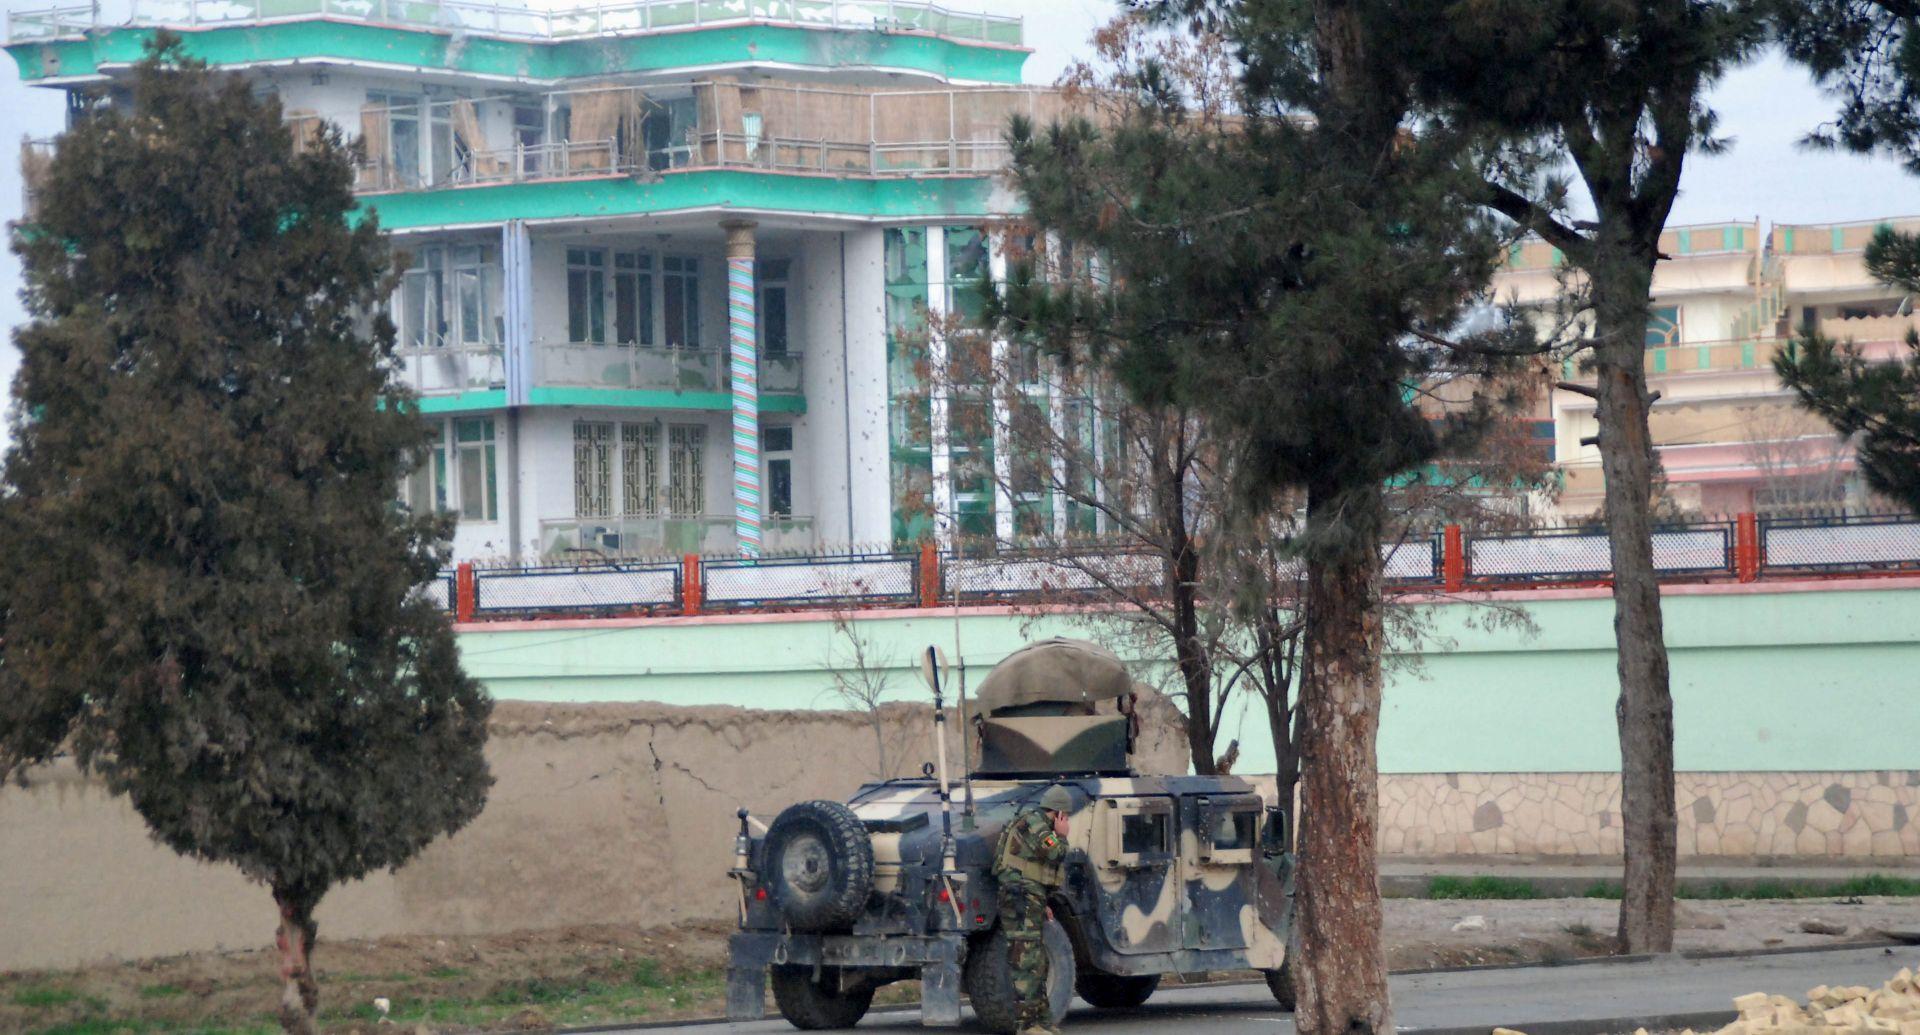 INDIJSKI KONZULAT U MAZAR-I-ŠARIF-u: Sukob pobunjenika i afganistanskih snaga